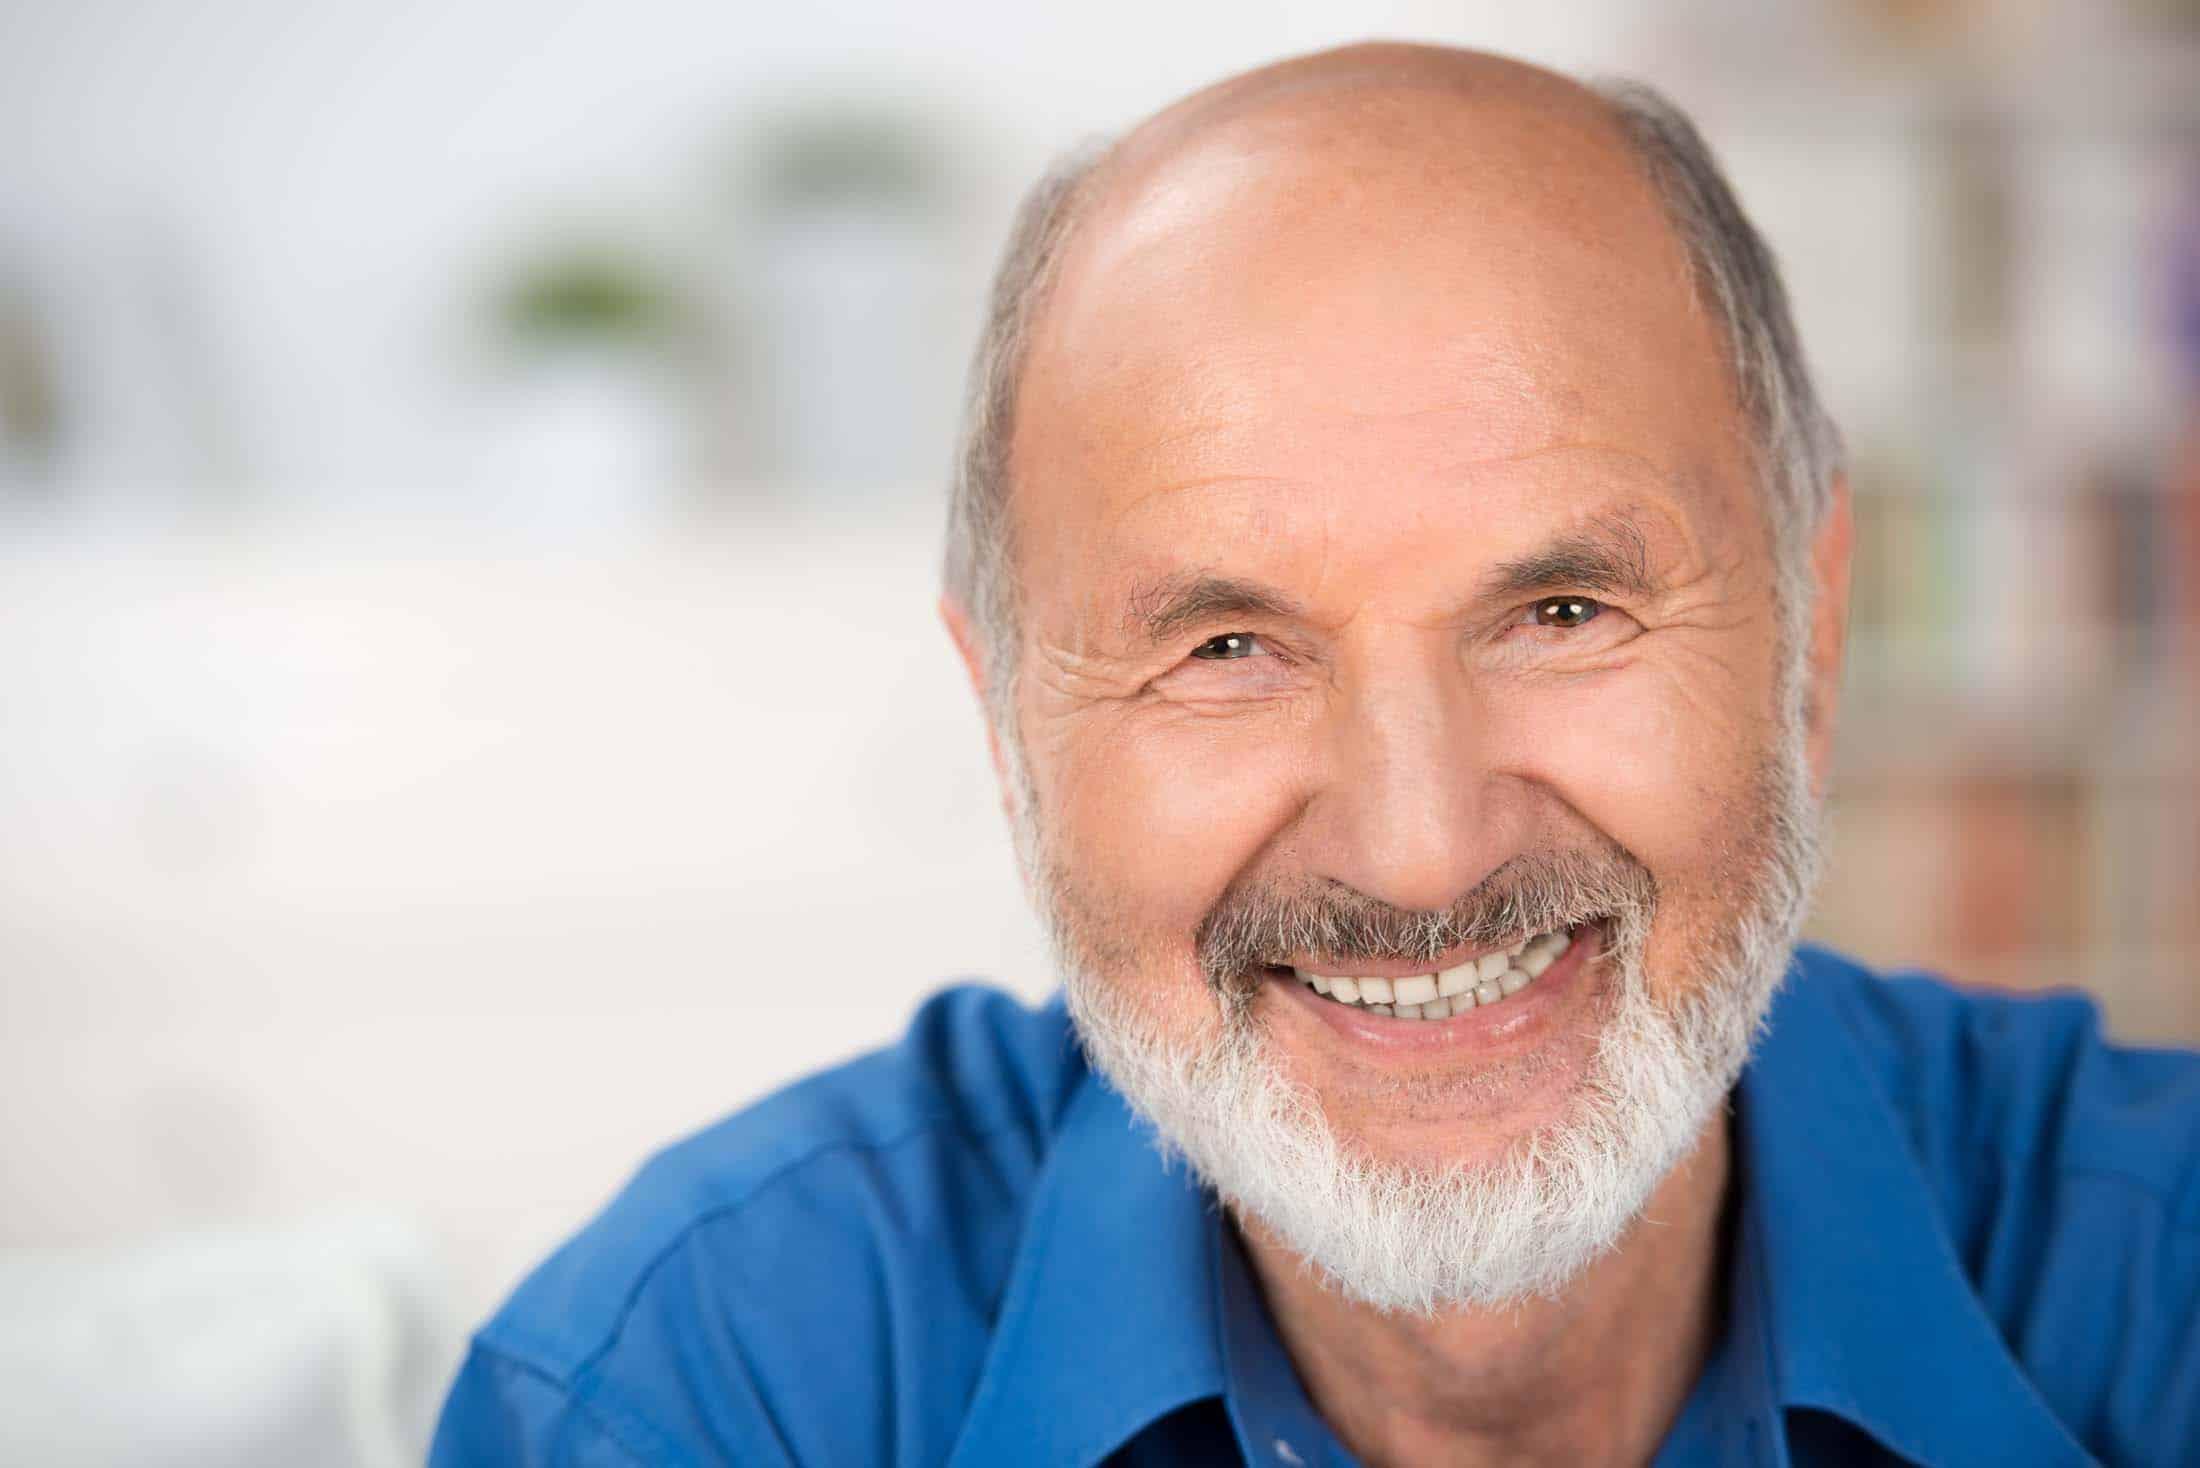 Senior Mental Health | A natural solution for better senior living